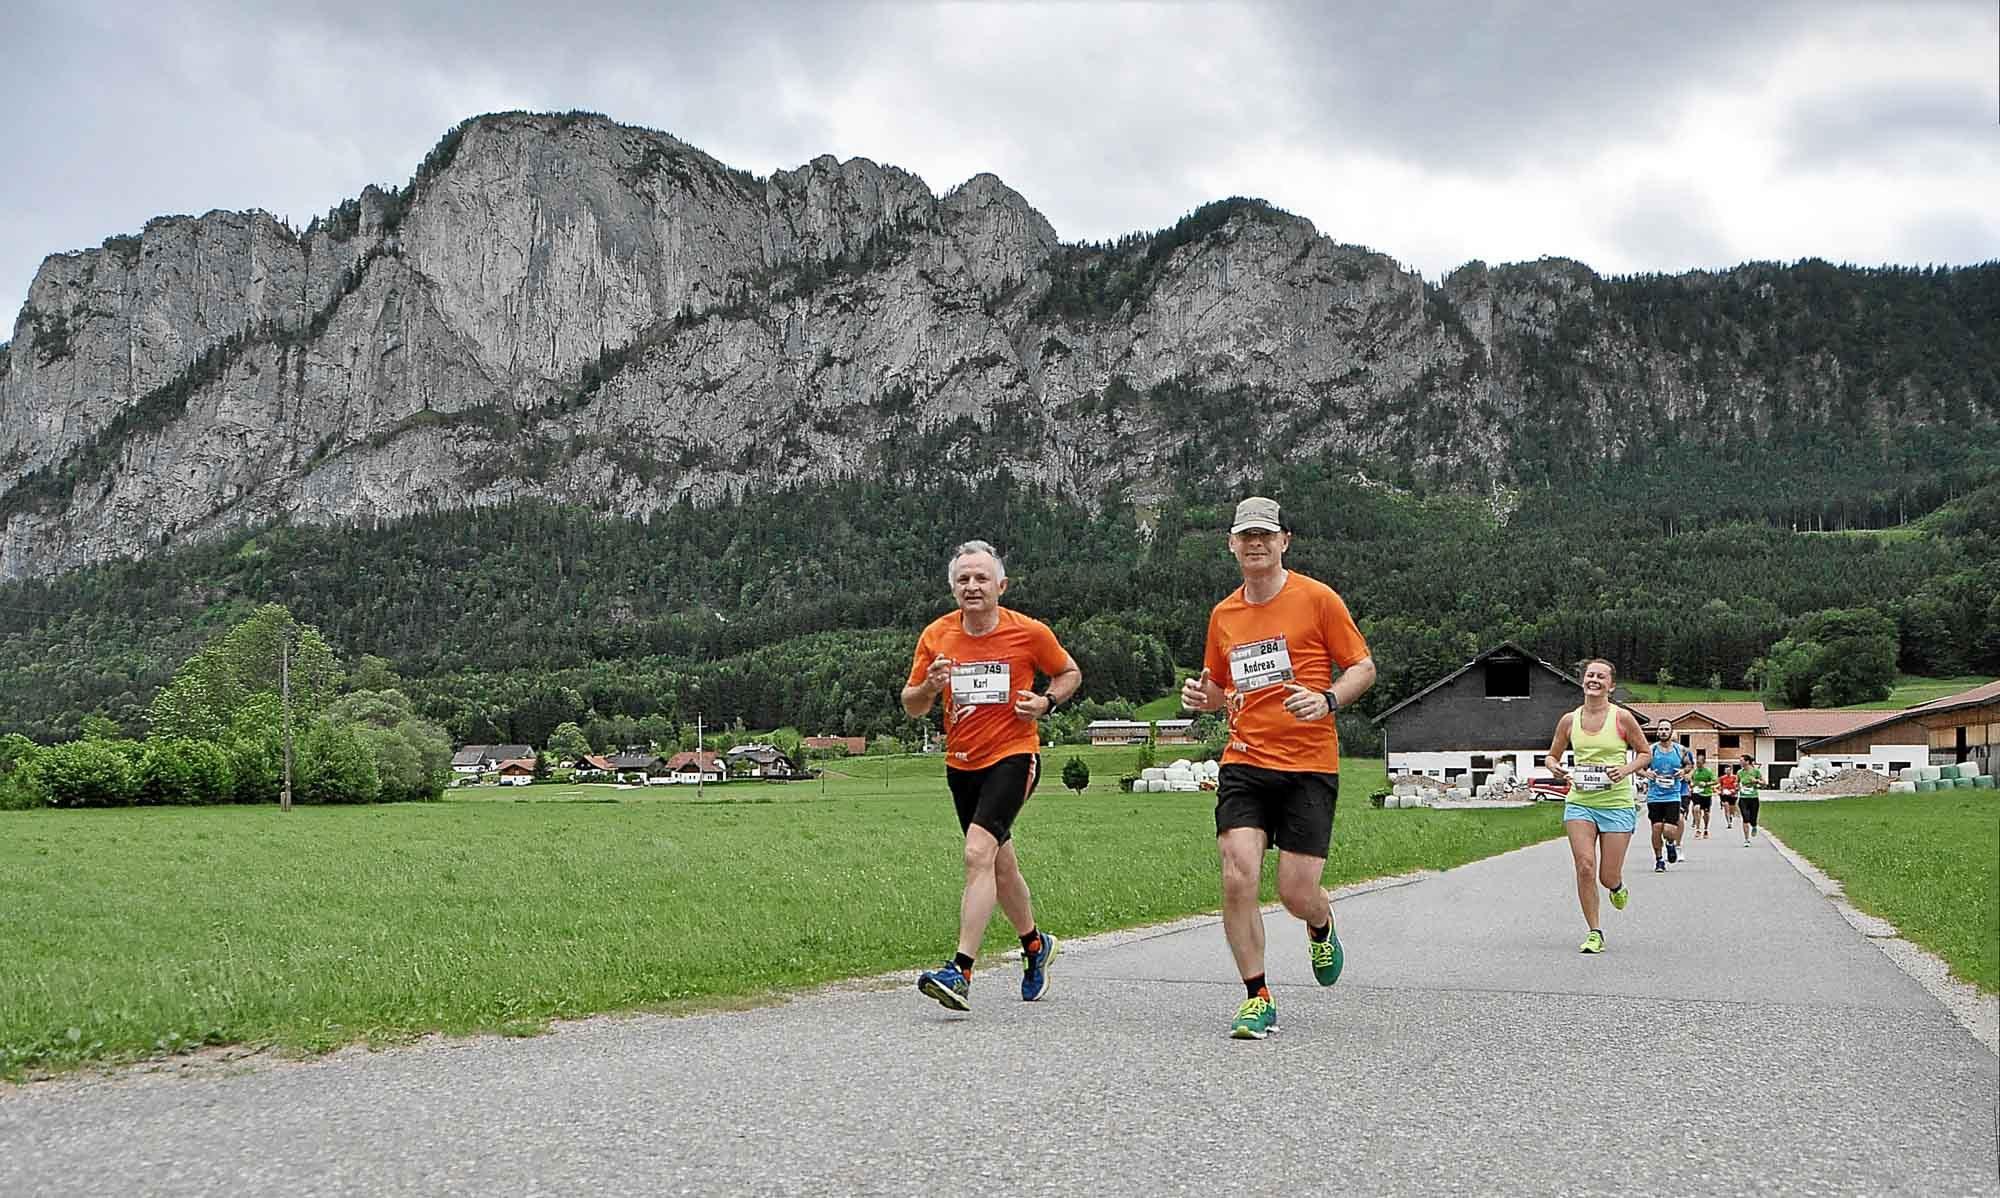 mit meinem Bruder Karl beim Lauf vor der Drachenwand, am 4. Juni